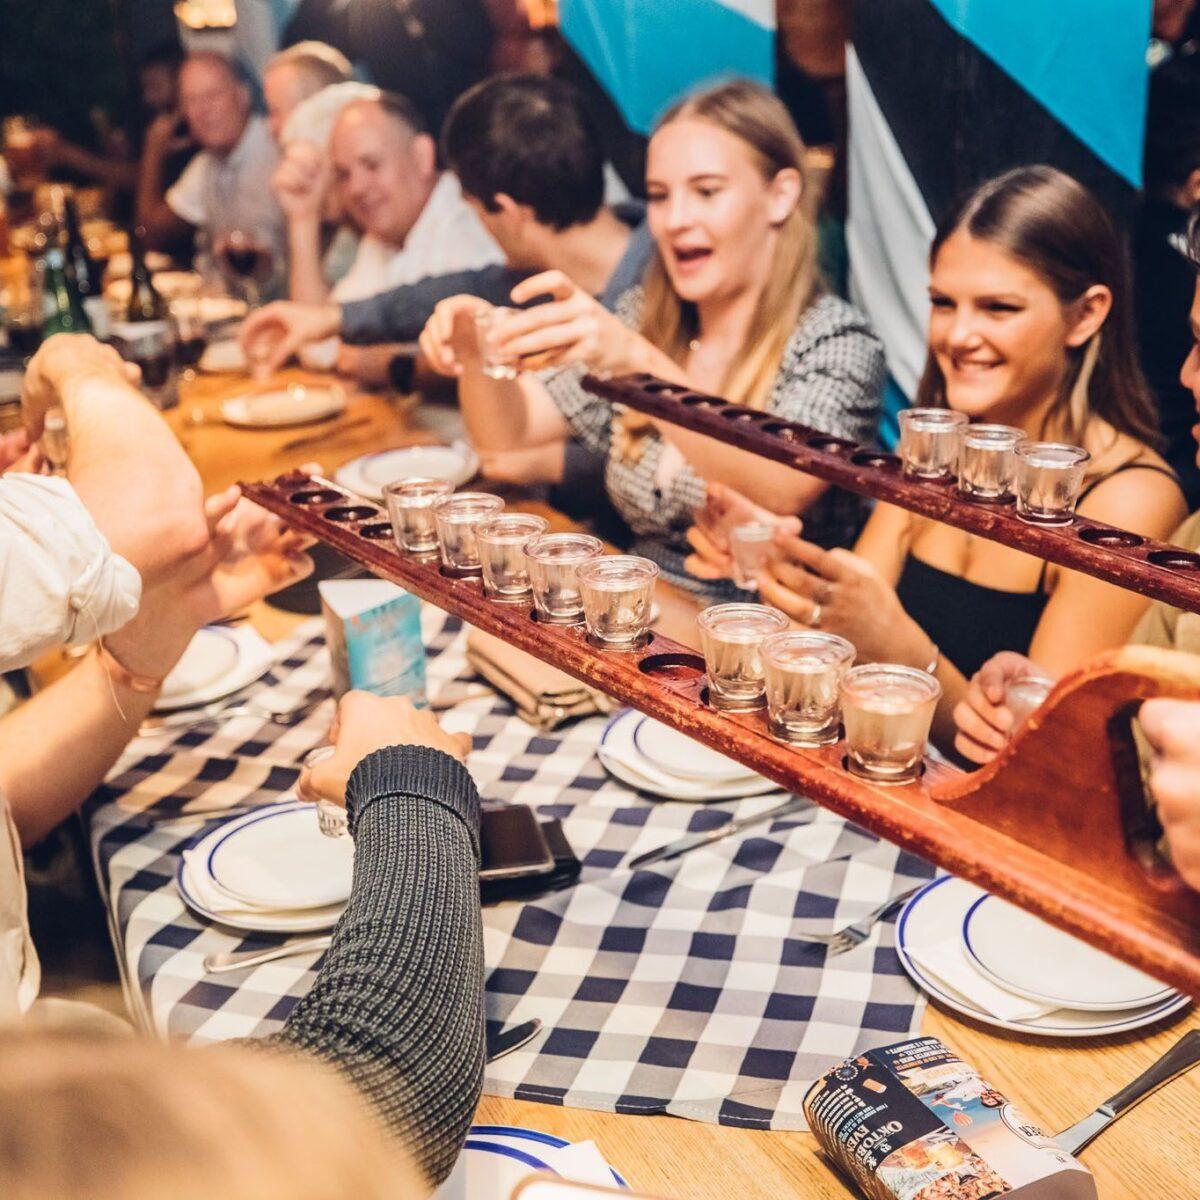 The Bavarian Oktoberfest offer square